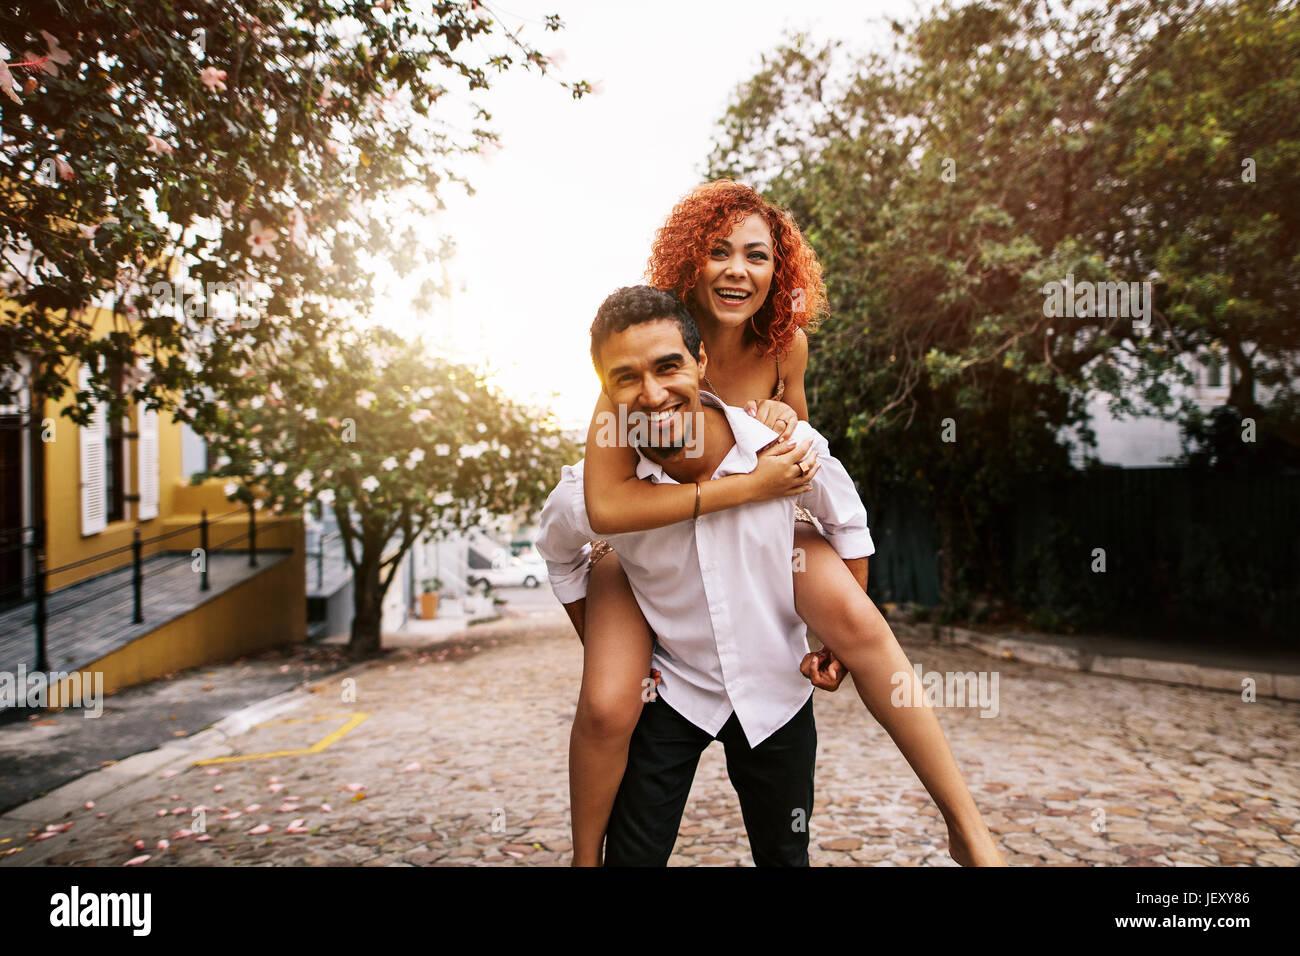 Giovane uomo che porta il suo partner per il suo ritorno in un giocoso umore mentre si cammina fino a lonely street. Immagini Stock